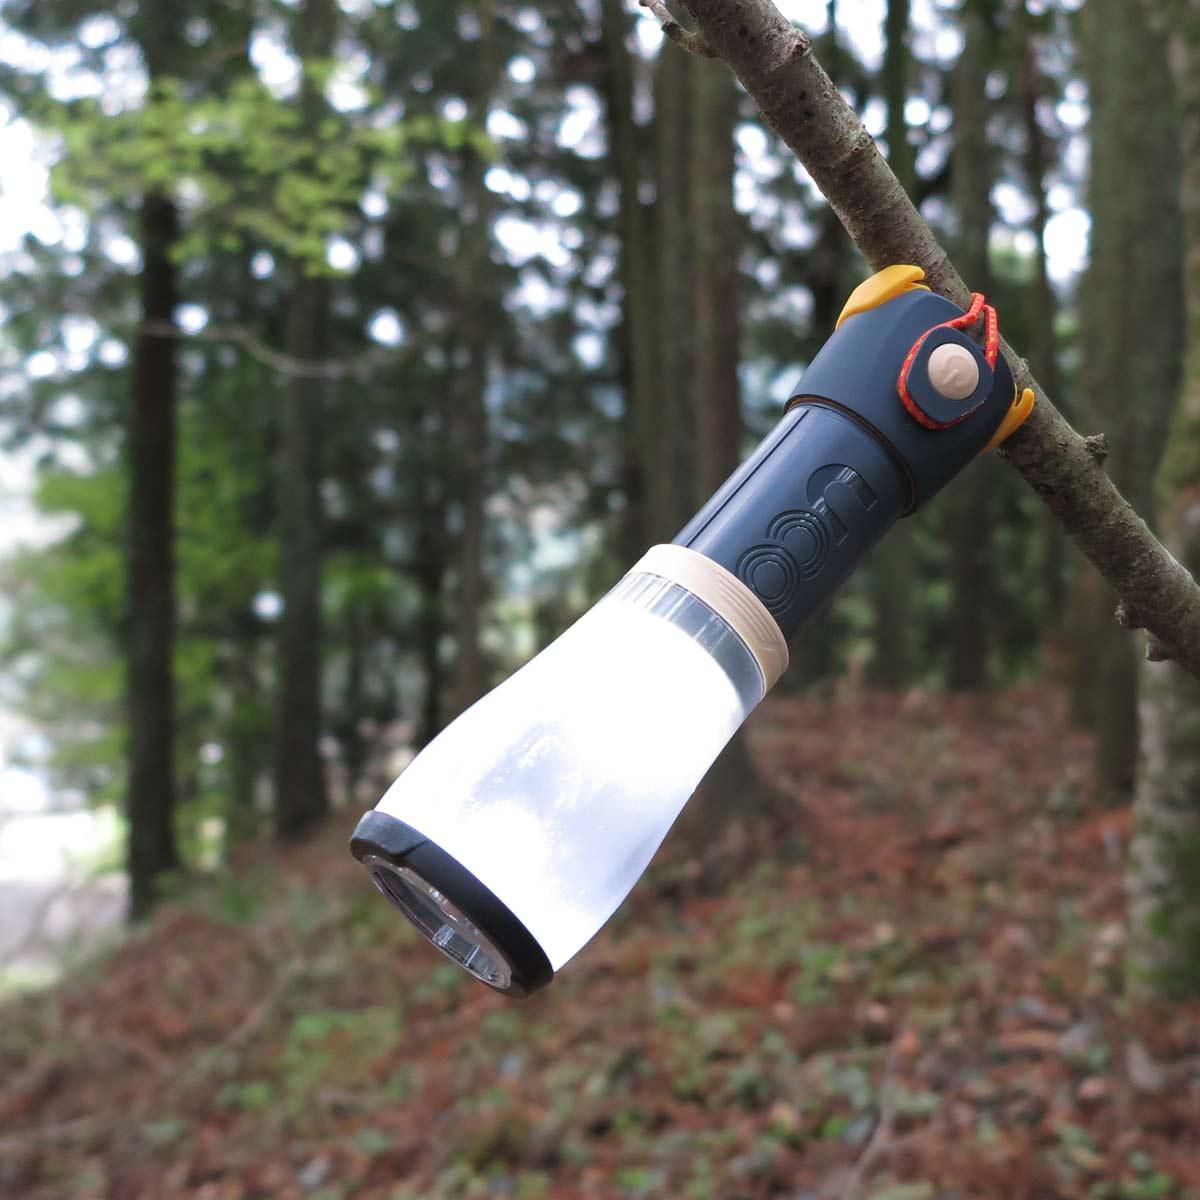 登山での実用性は? ランタンにも懐中電灯にもなる「ハイアックランタン+フラッシュライト」